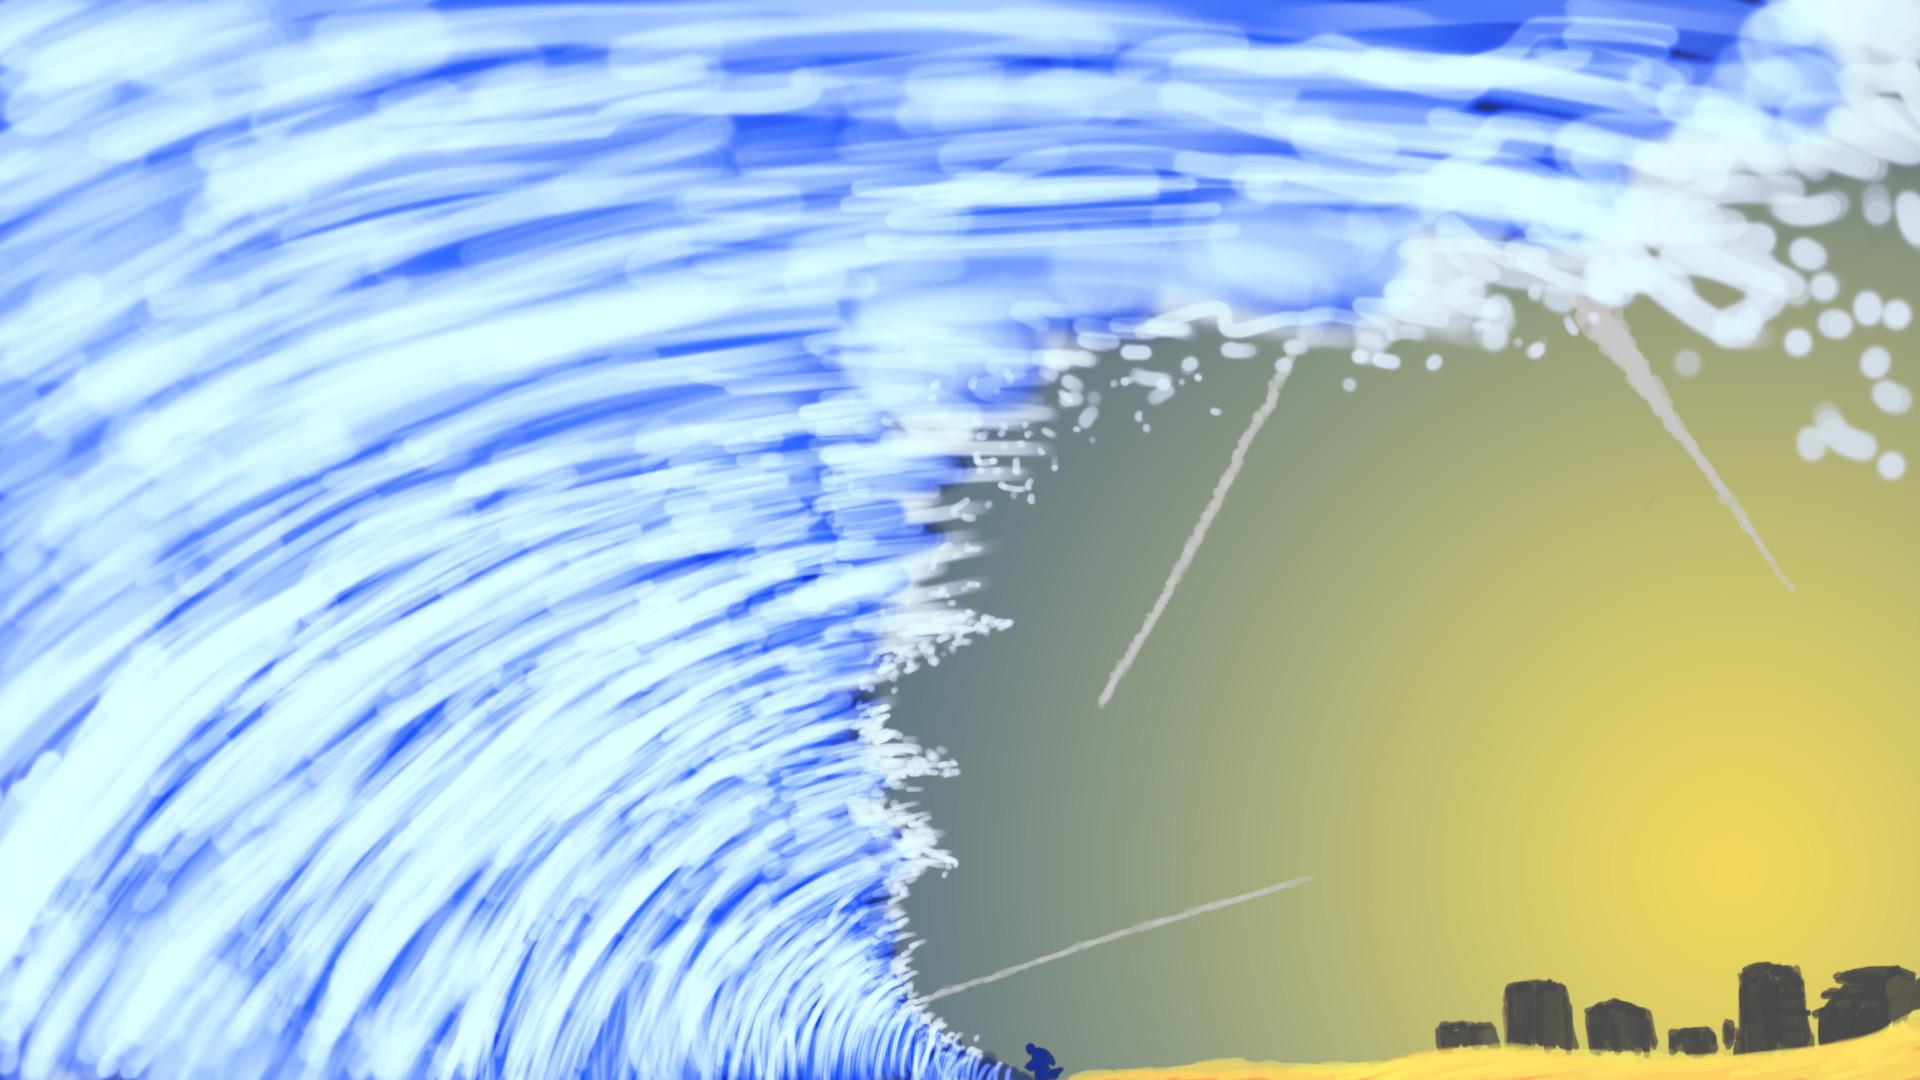 Alexander laheij ocean wave